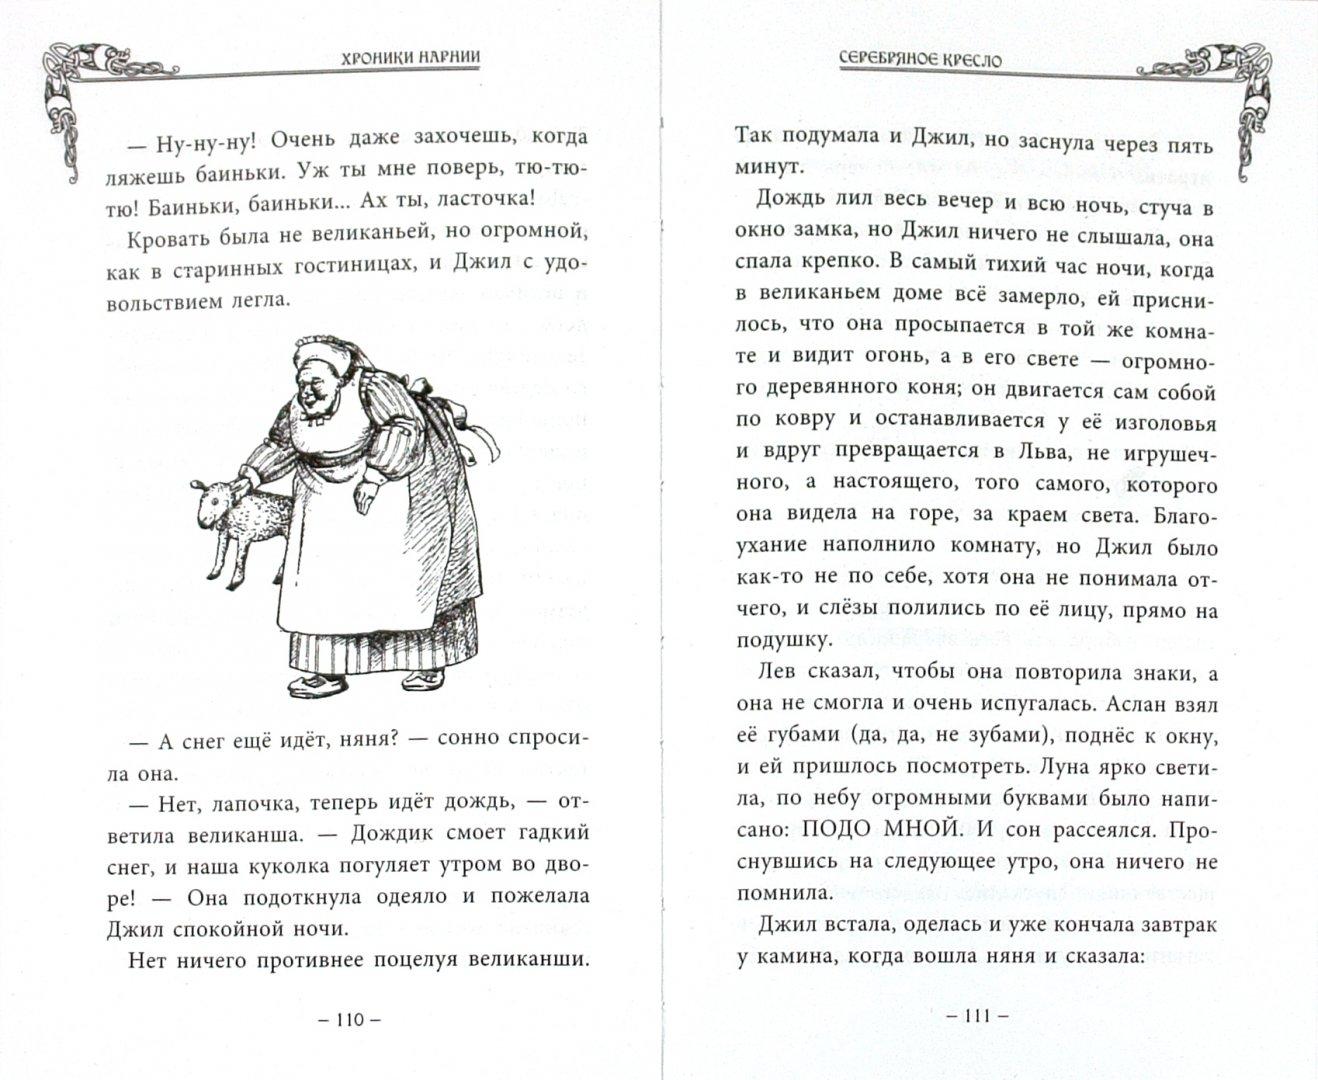 Иллюстрация 1 из 22 для Серебряное кресло - Клайв Льюис | Лабиринт - книги. Источник: Лабиринт